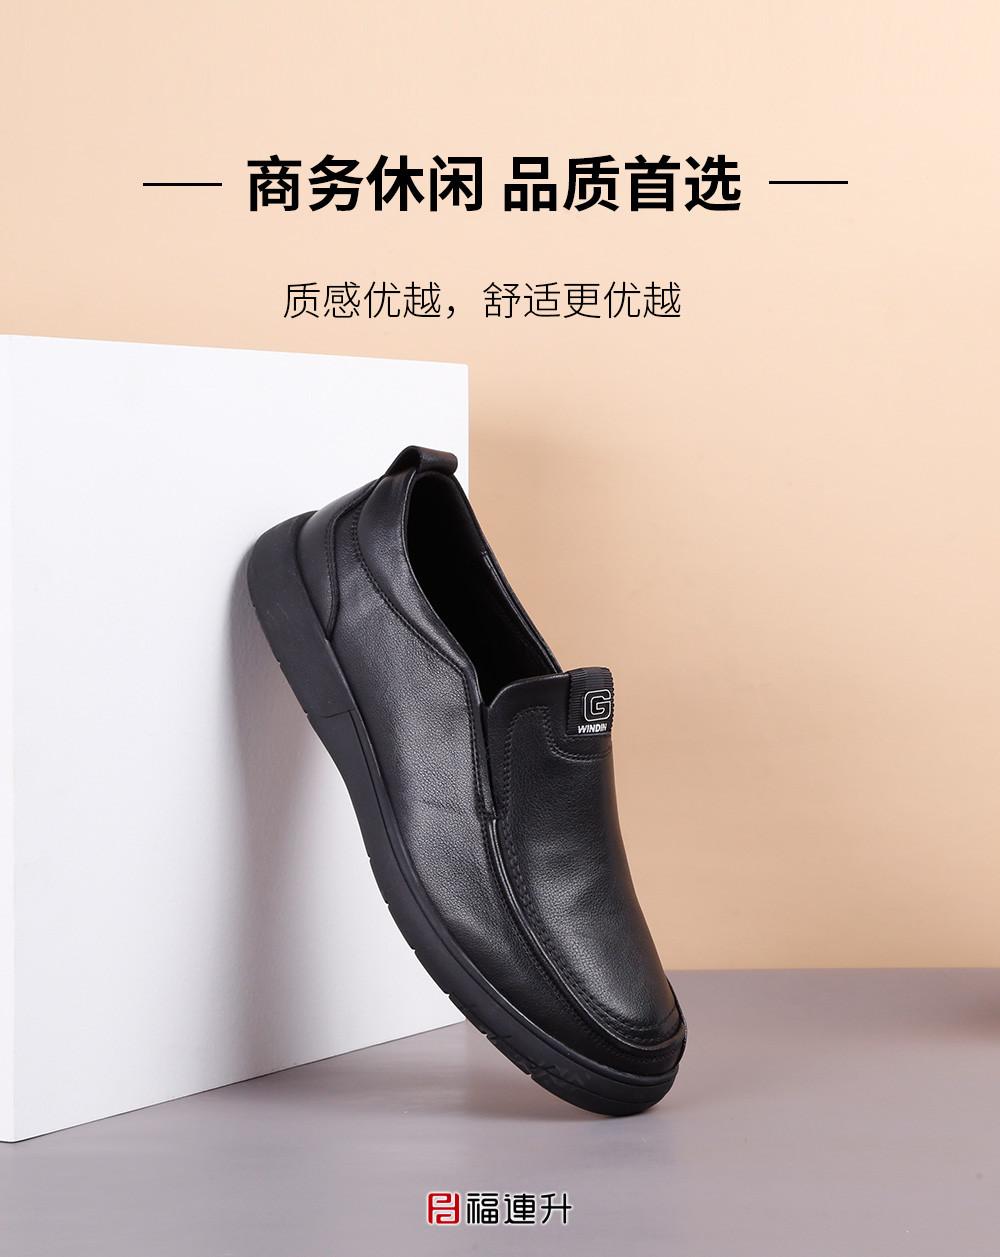 福连升老北京布鞋软底商务休闲透气轻便牛皮中老年男士单鞋图片